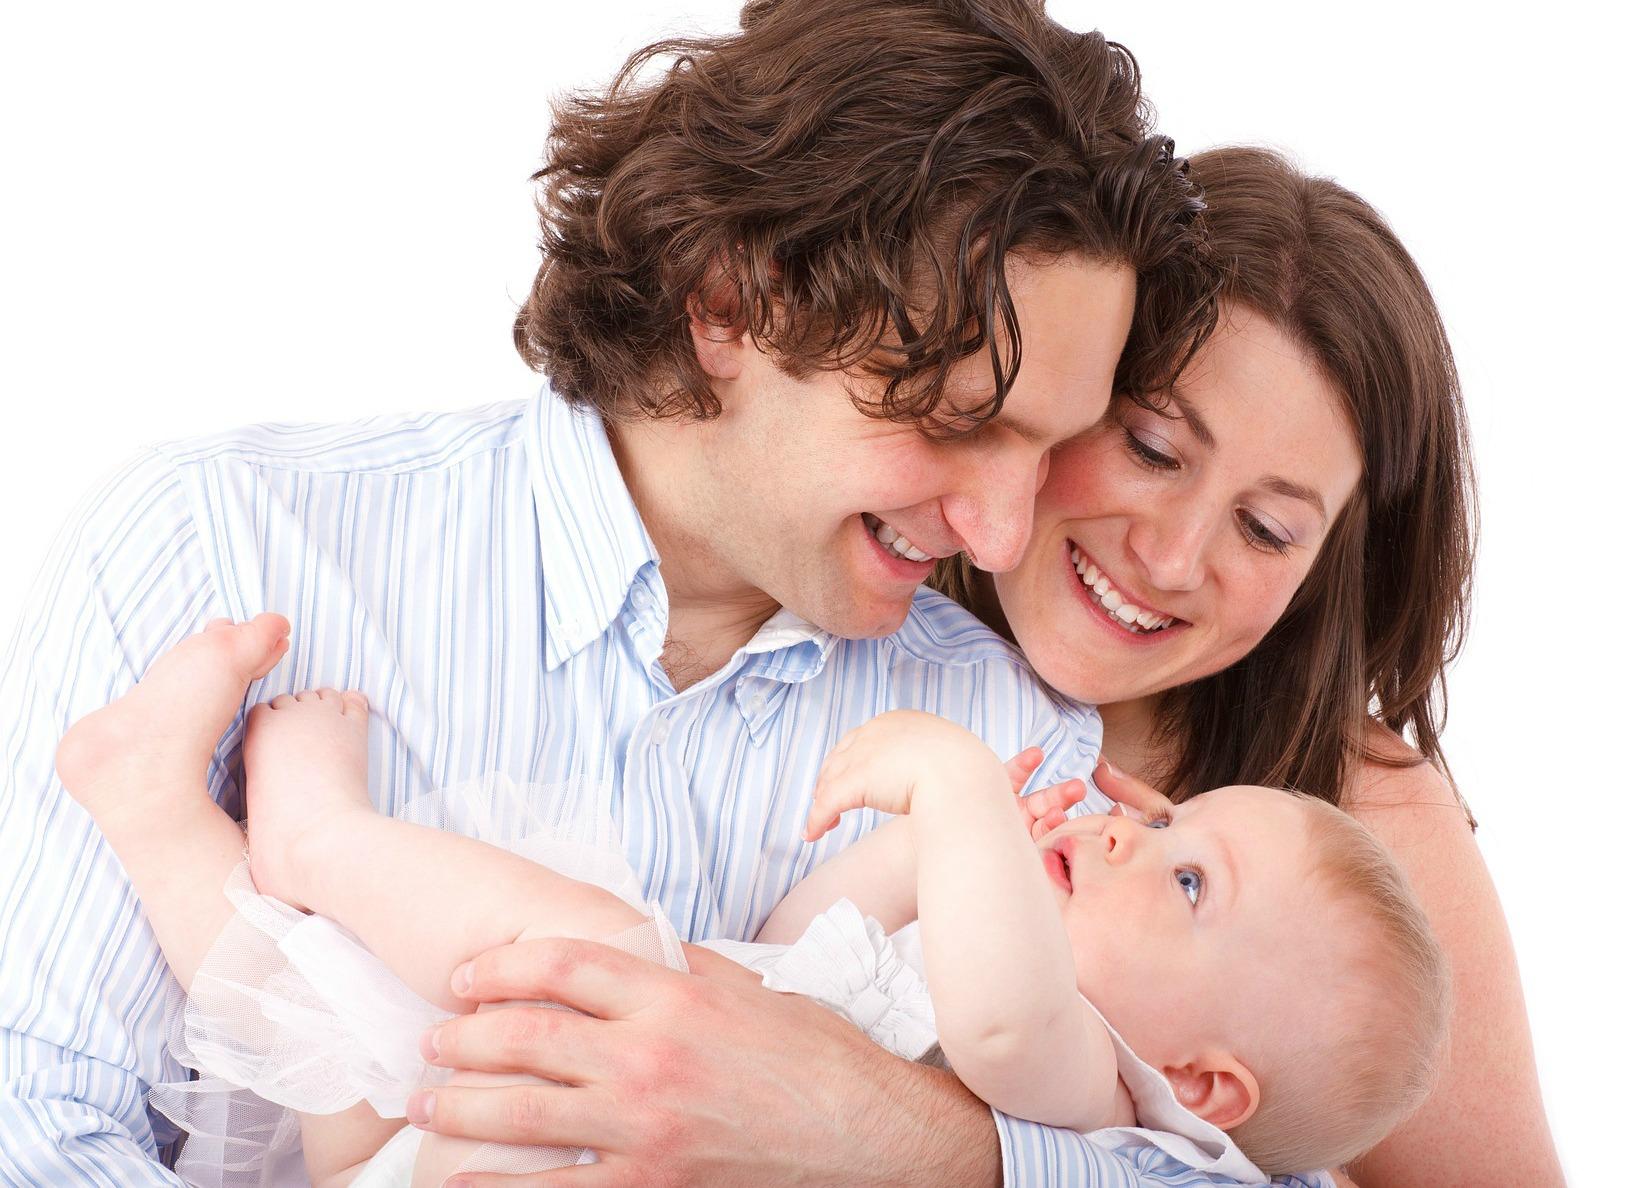 Waarom je van kinderen niet gelukkiger wordt_GoodGirlsCompany_maken kinderen gelukkig